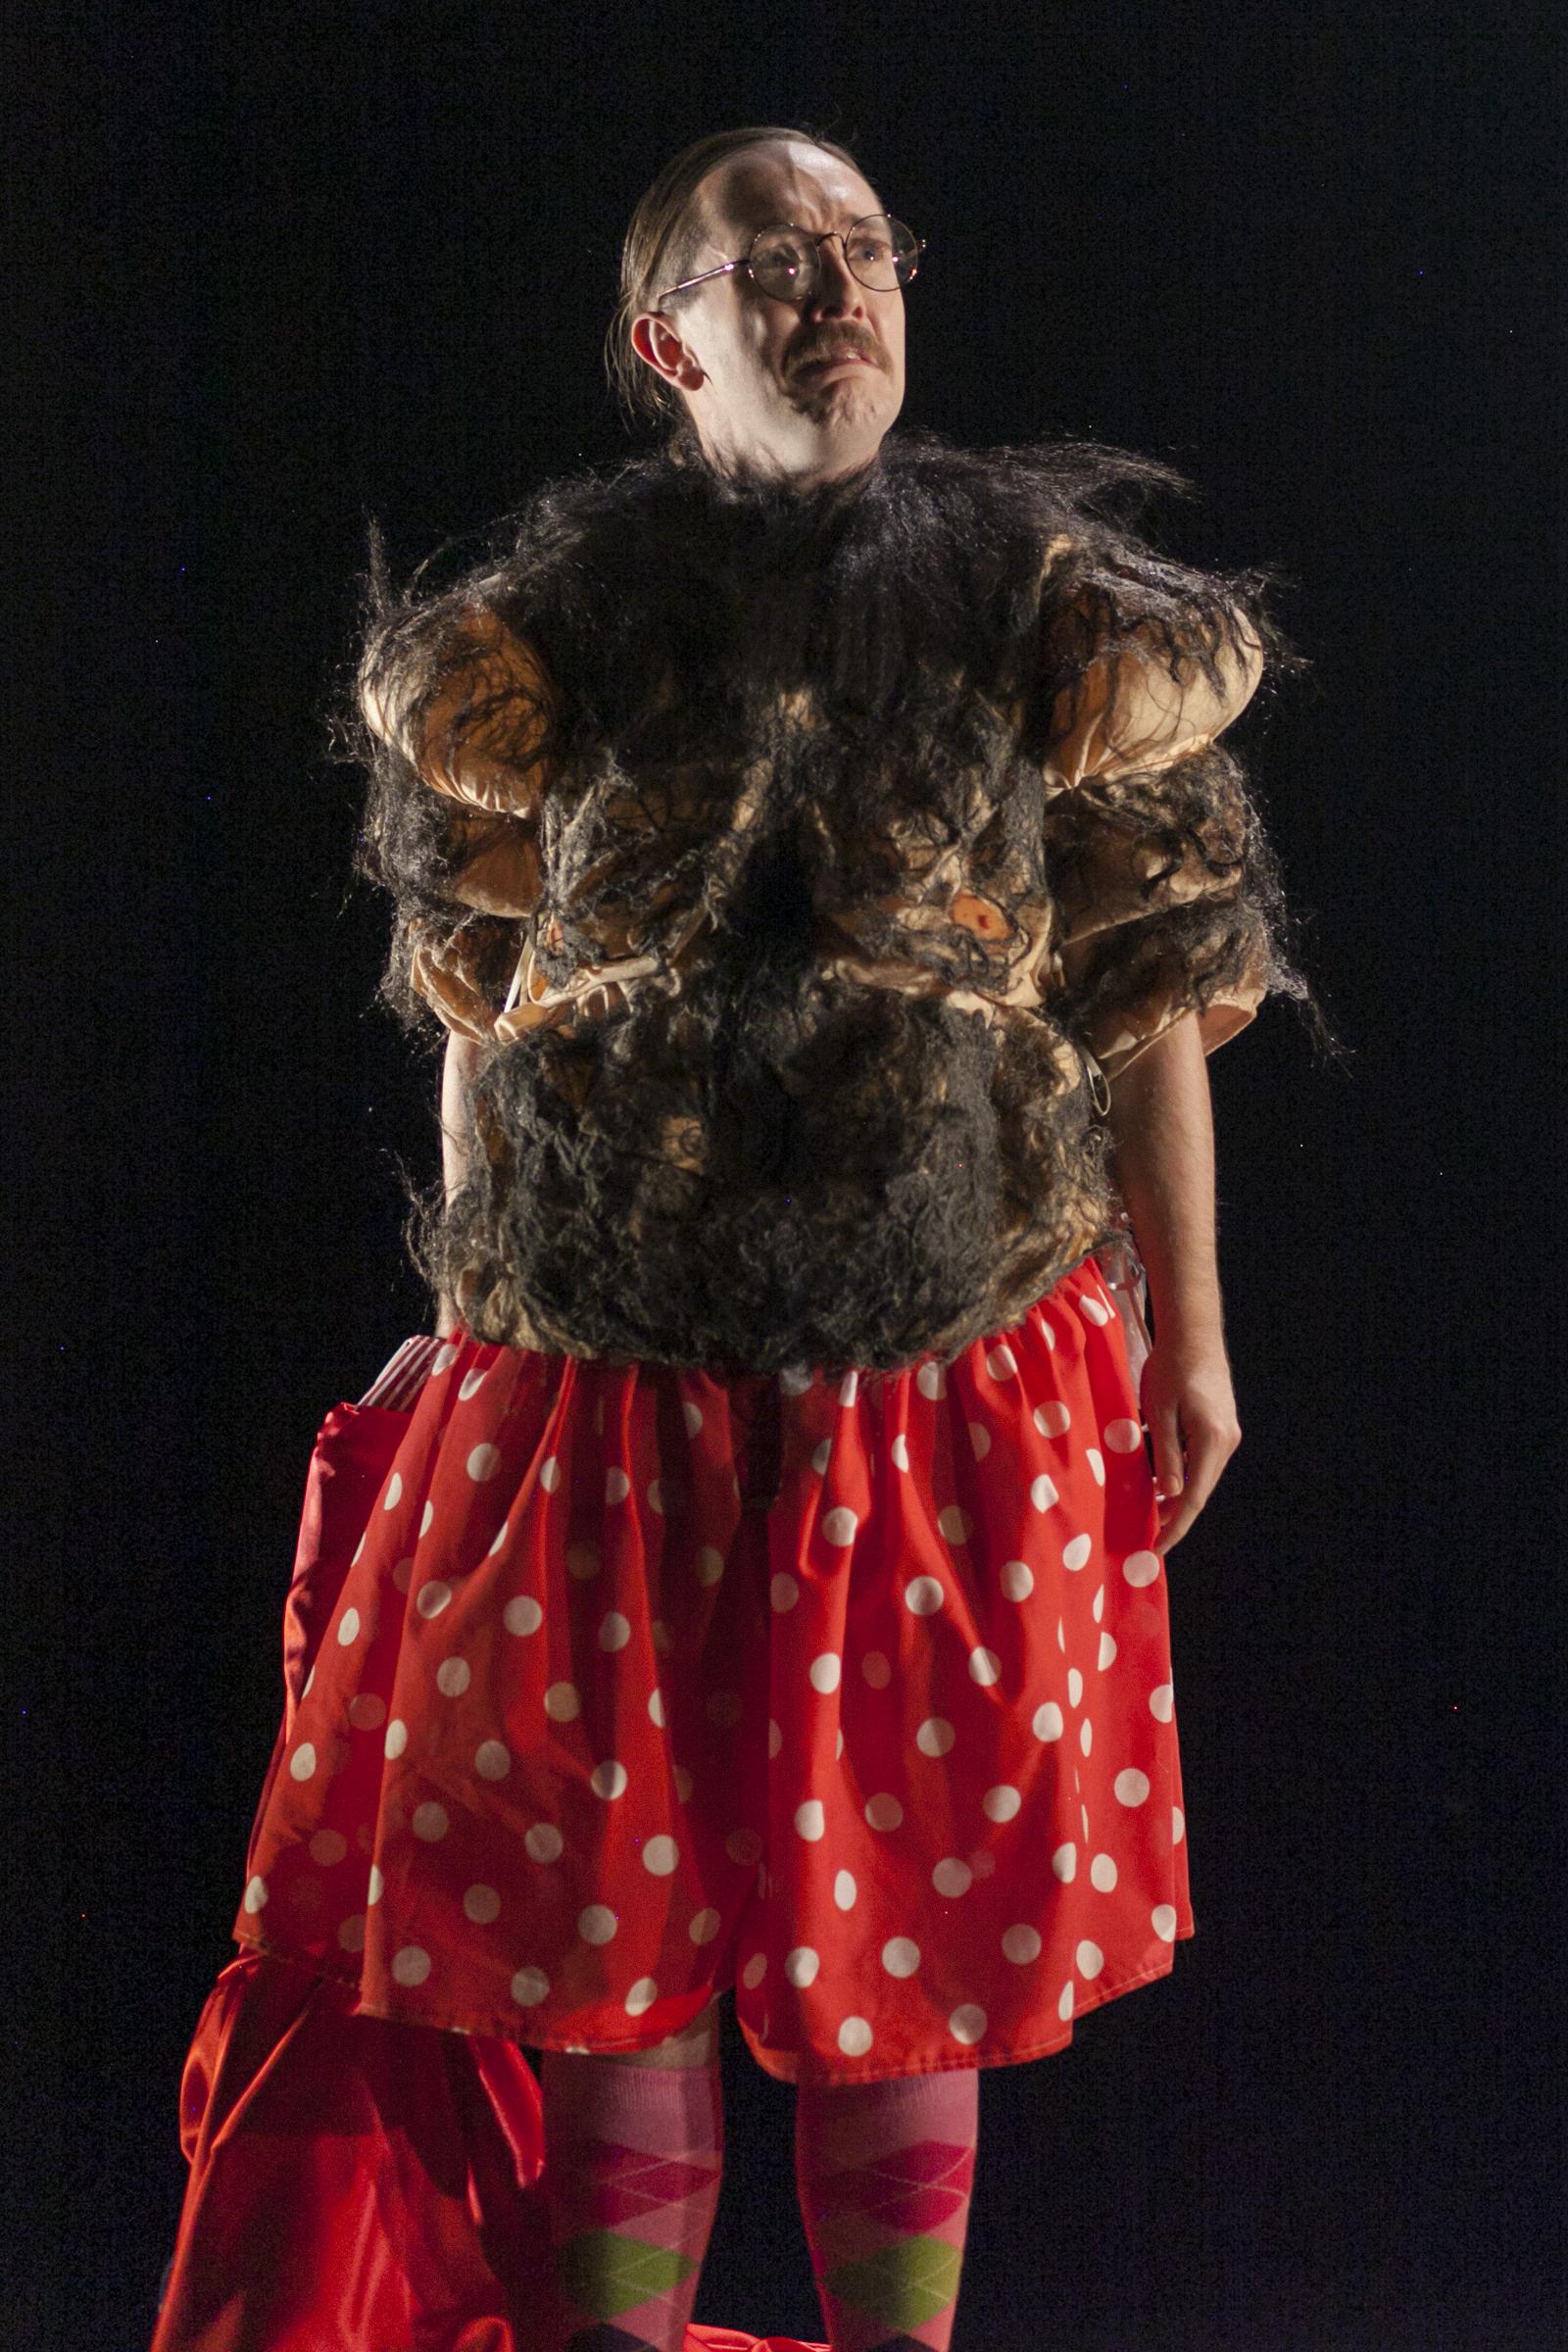 LCFMA19-CostumeShow-OliverTo-50.jpg